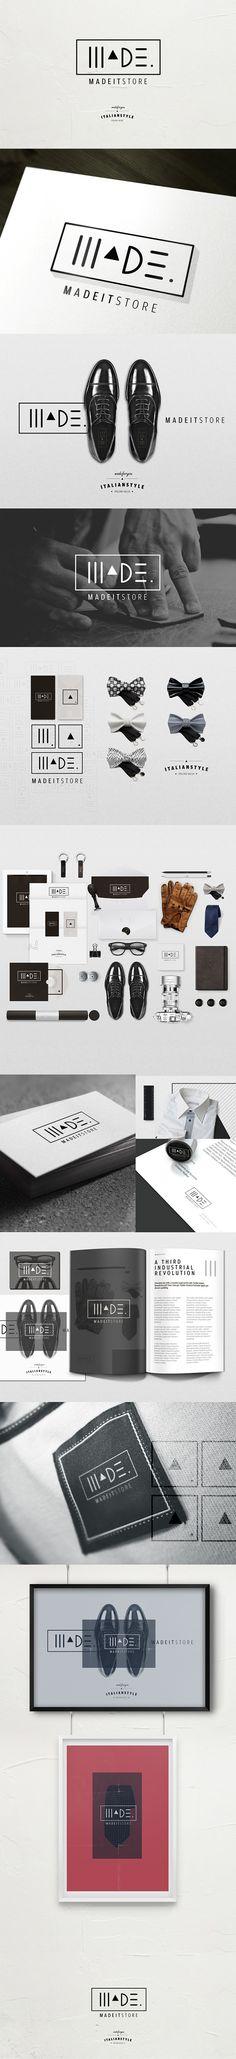 MADEIT store by Gaia Zuccaro, via Behance